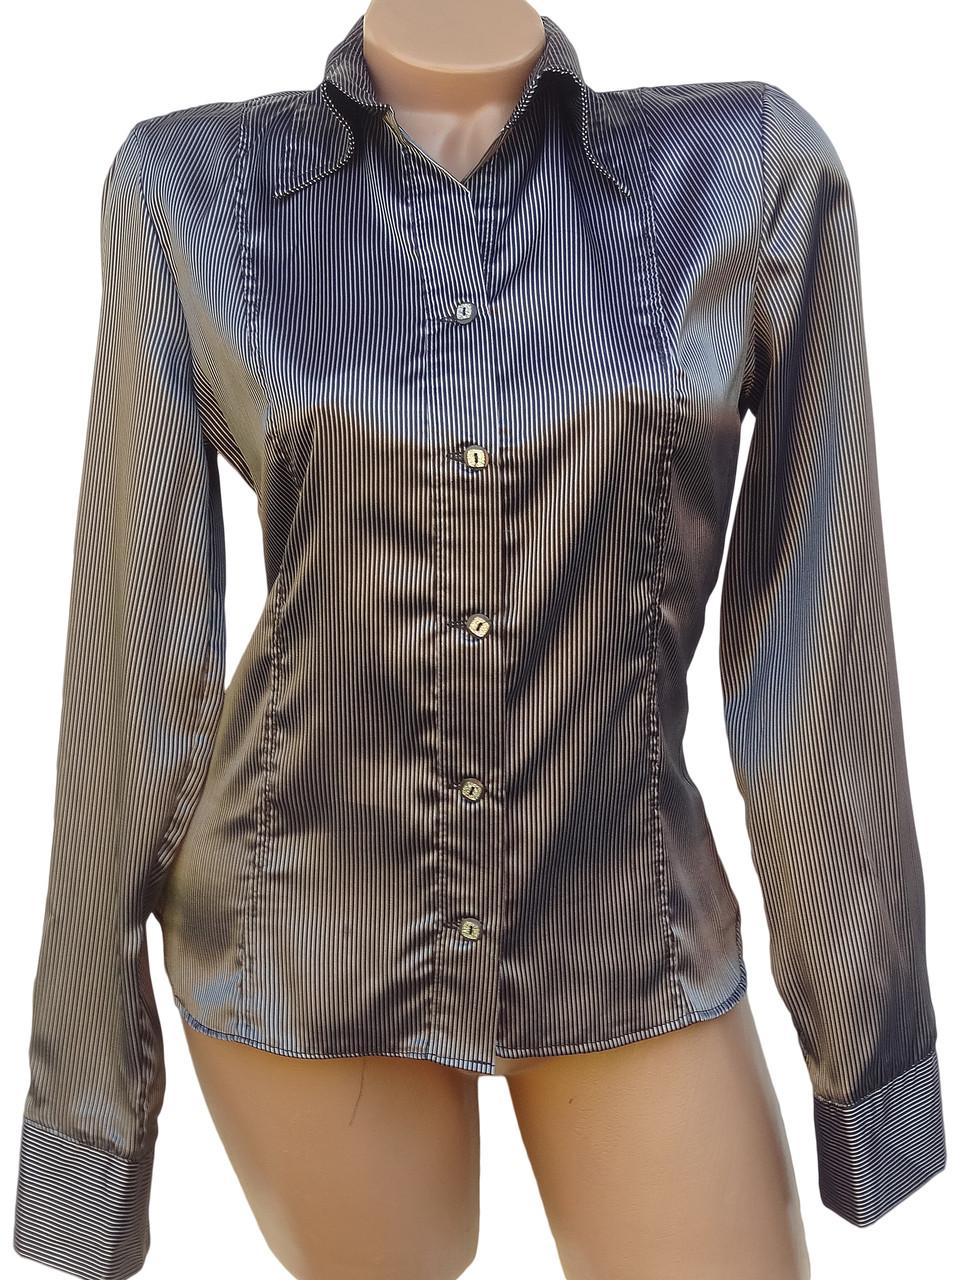 Классическая женская рубашка в полоски (в расцветках 38-44)